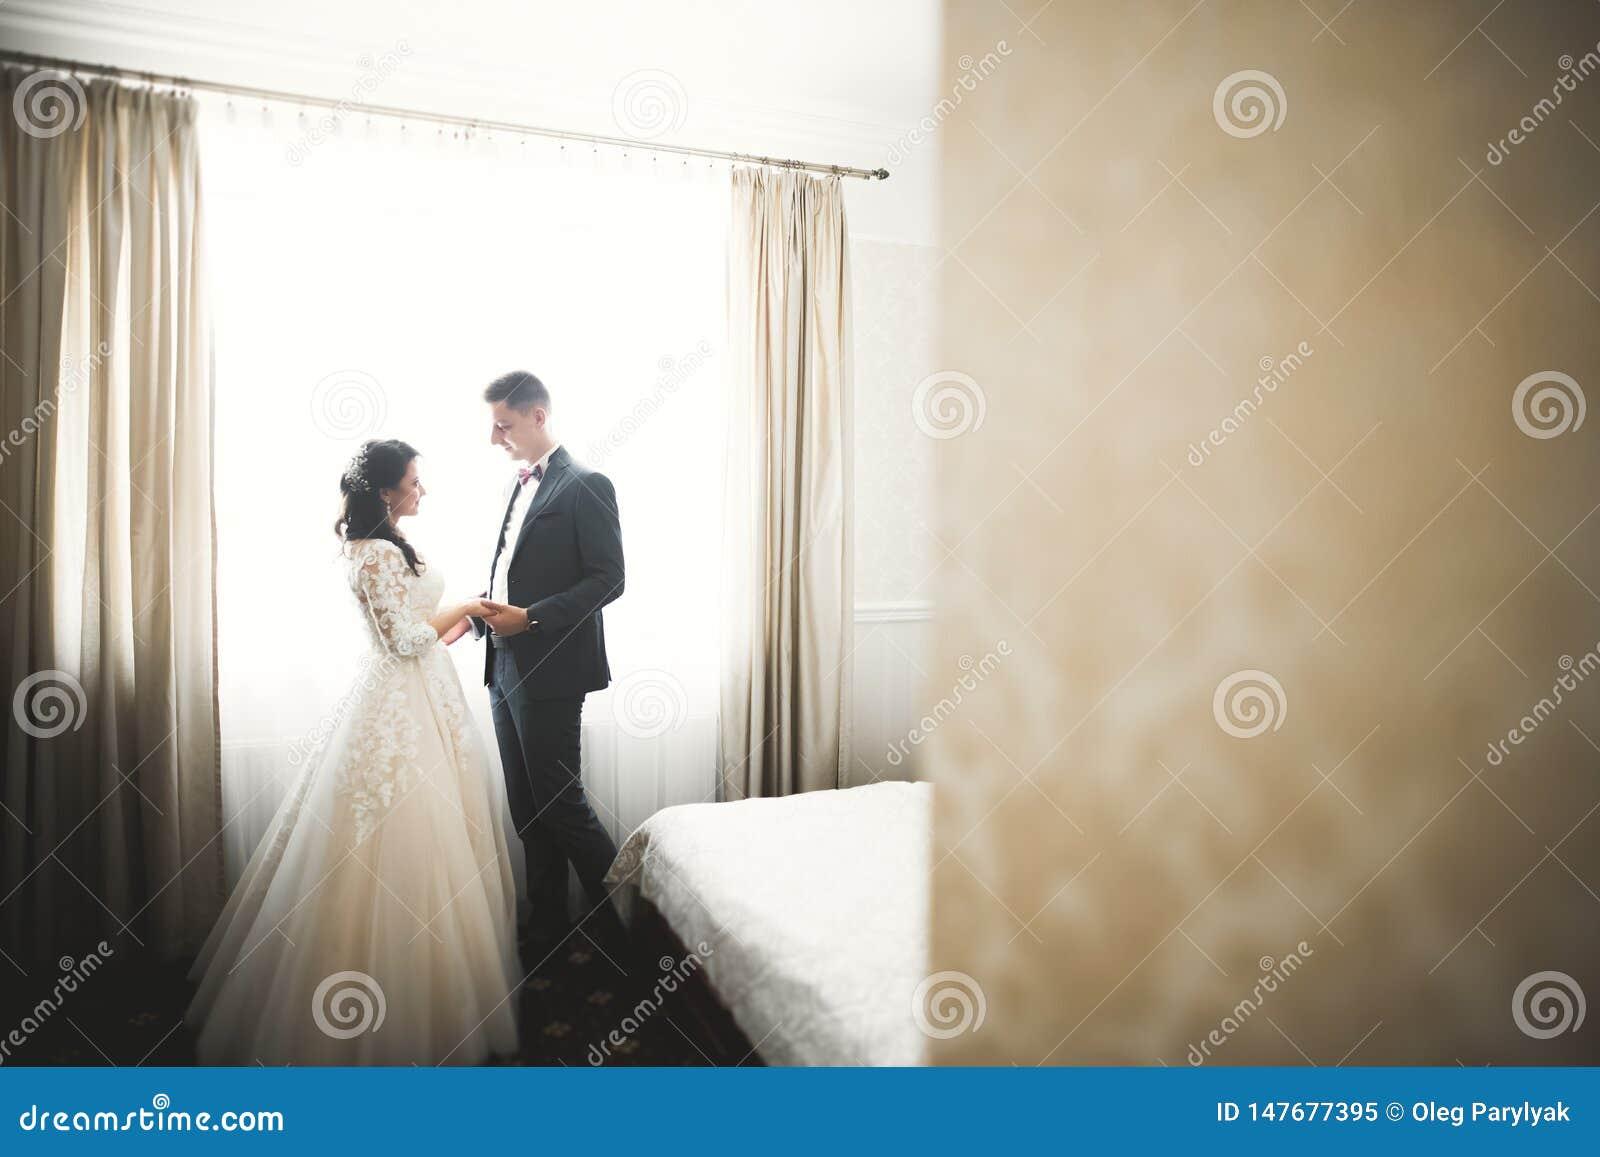 Reizende gl?ckliche Hochzeitspaare, Braut mit langem wei?em Kleid